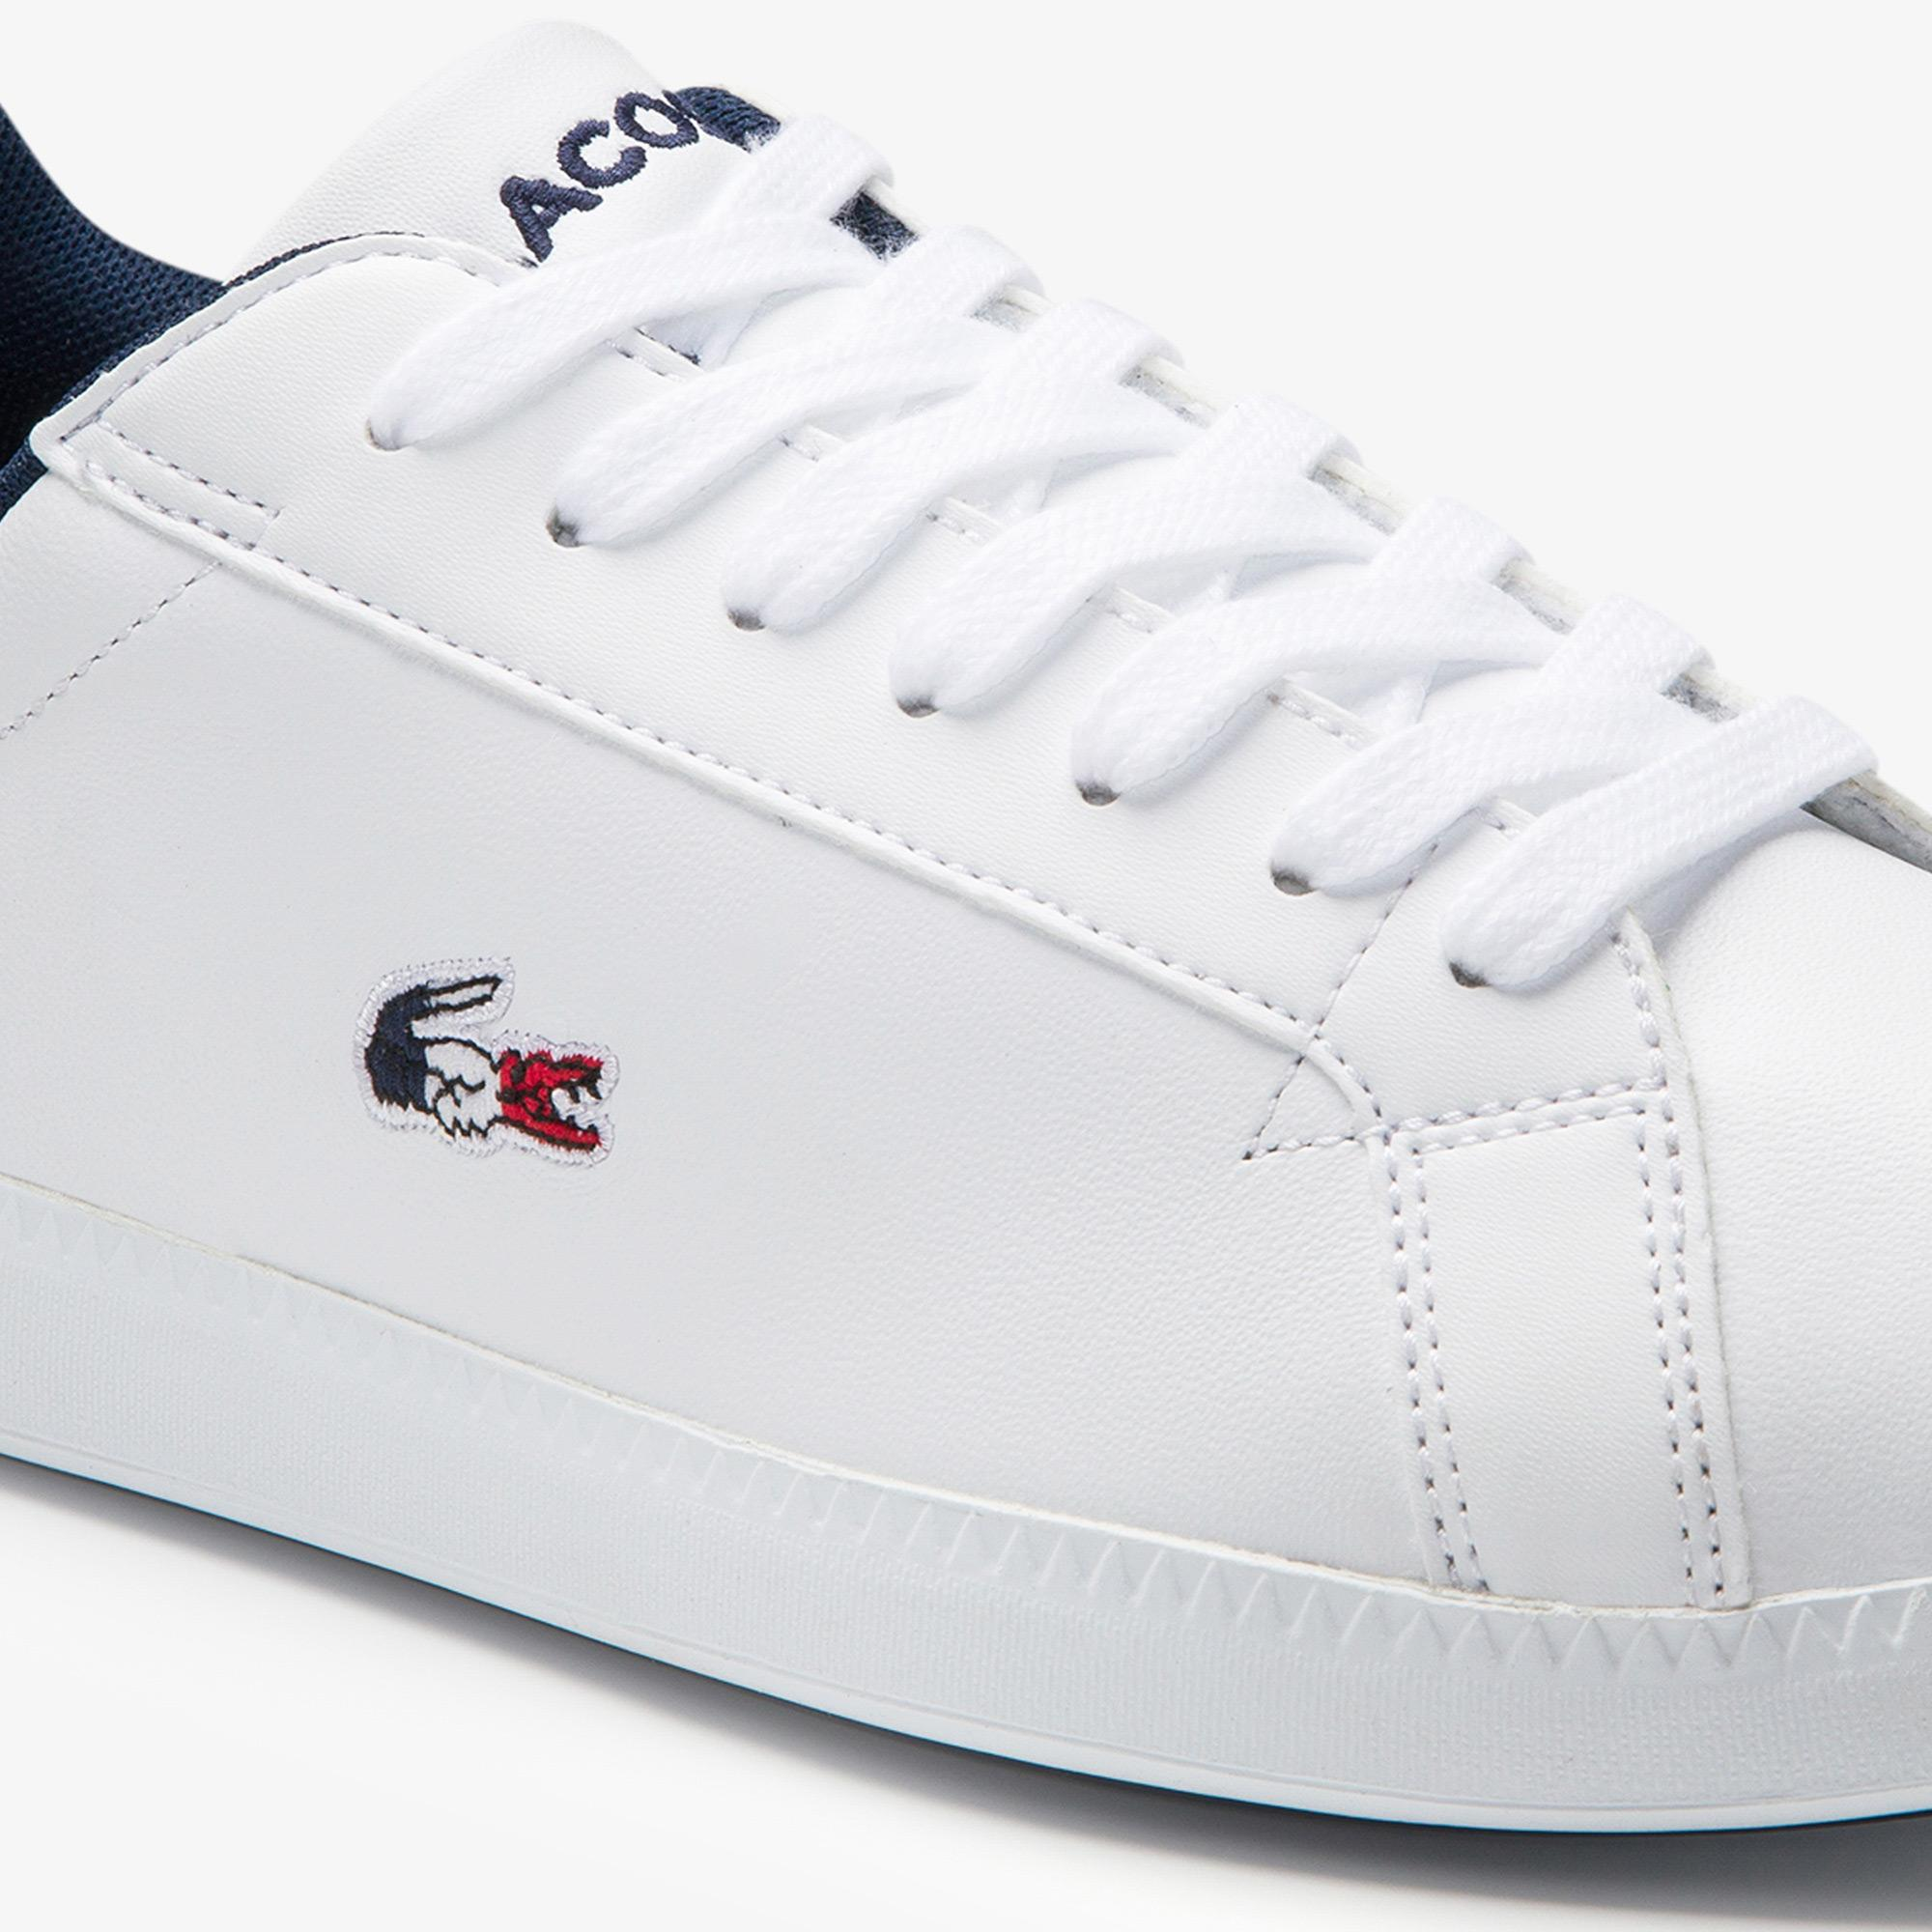 Lacoste Women's Graduate Trı 1 Sfa Shoes